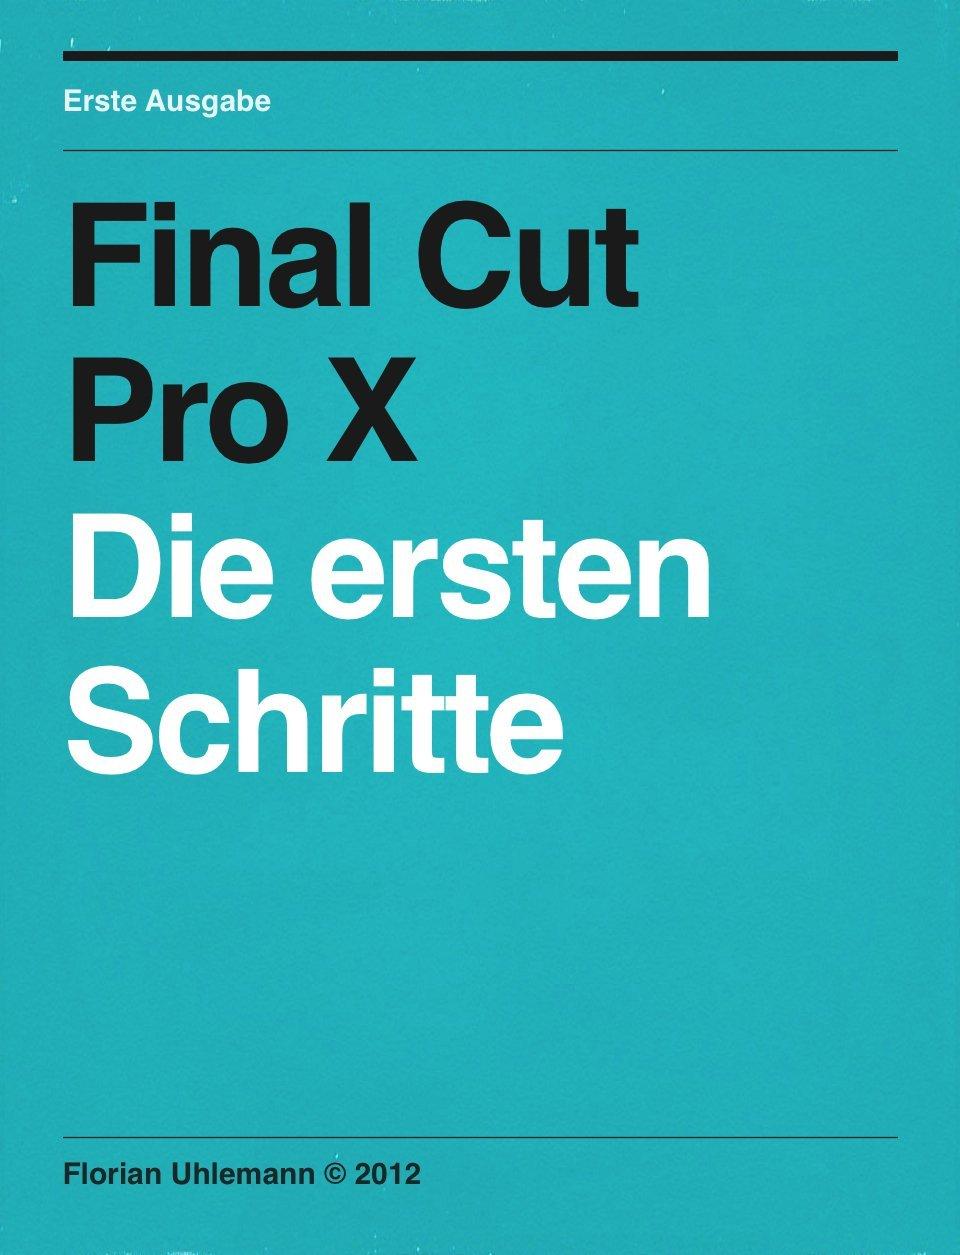 Final Cut Pro X - Die ersten Schritte